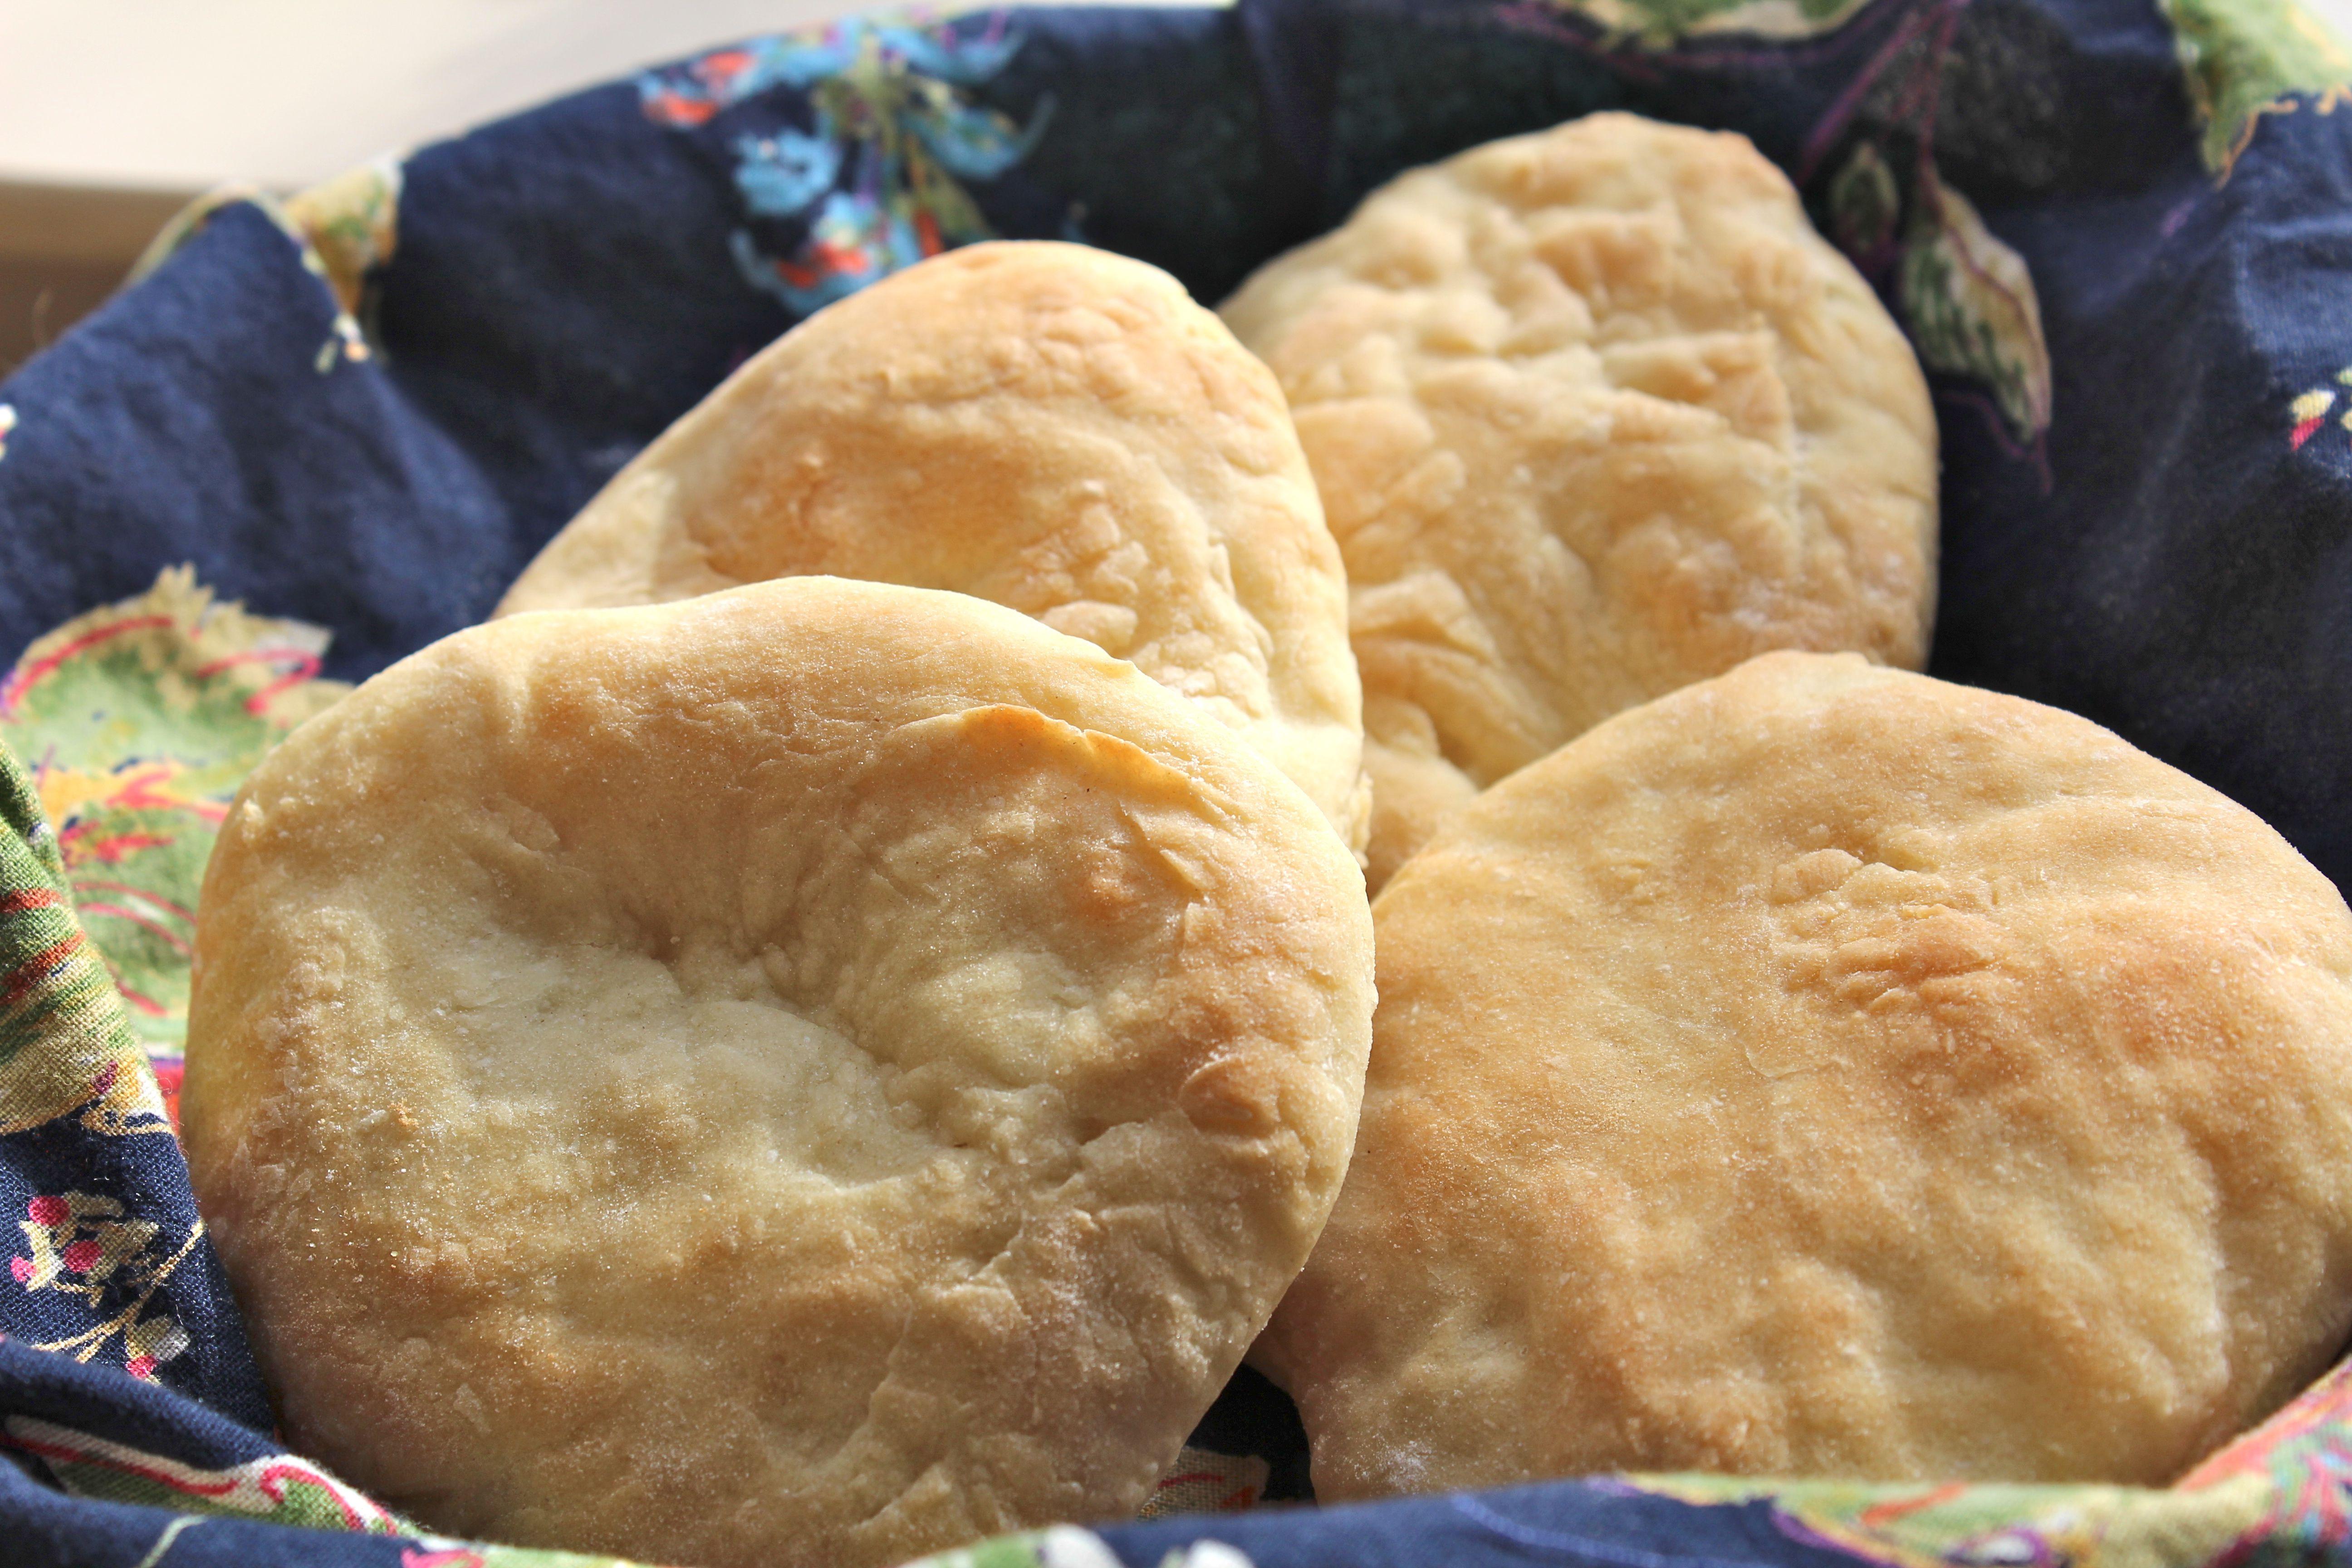 Freshly baked pita breads